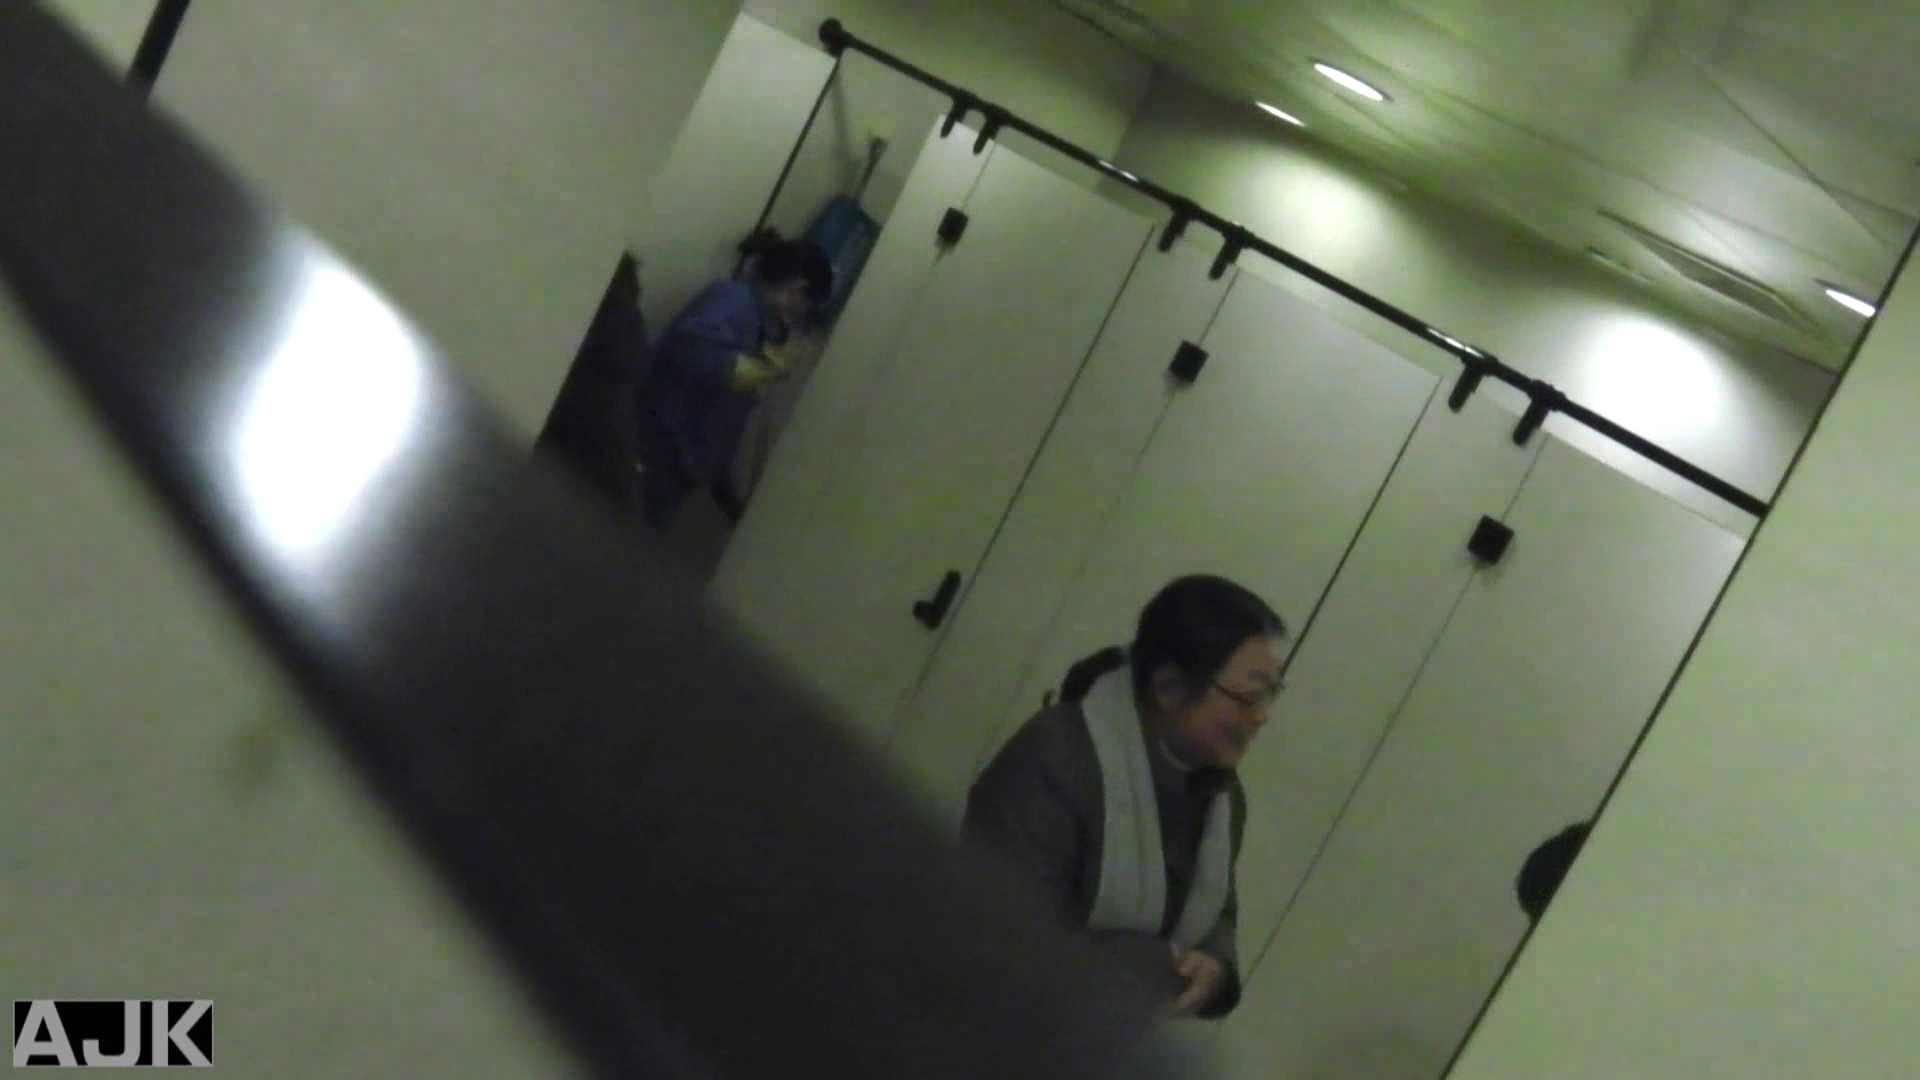 隣国上階級エリアの令嬢たちが集うデパートお手洗い Vol.19 お嬢様のエロ動画 オメコ動画キャプチャ 99枚 96